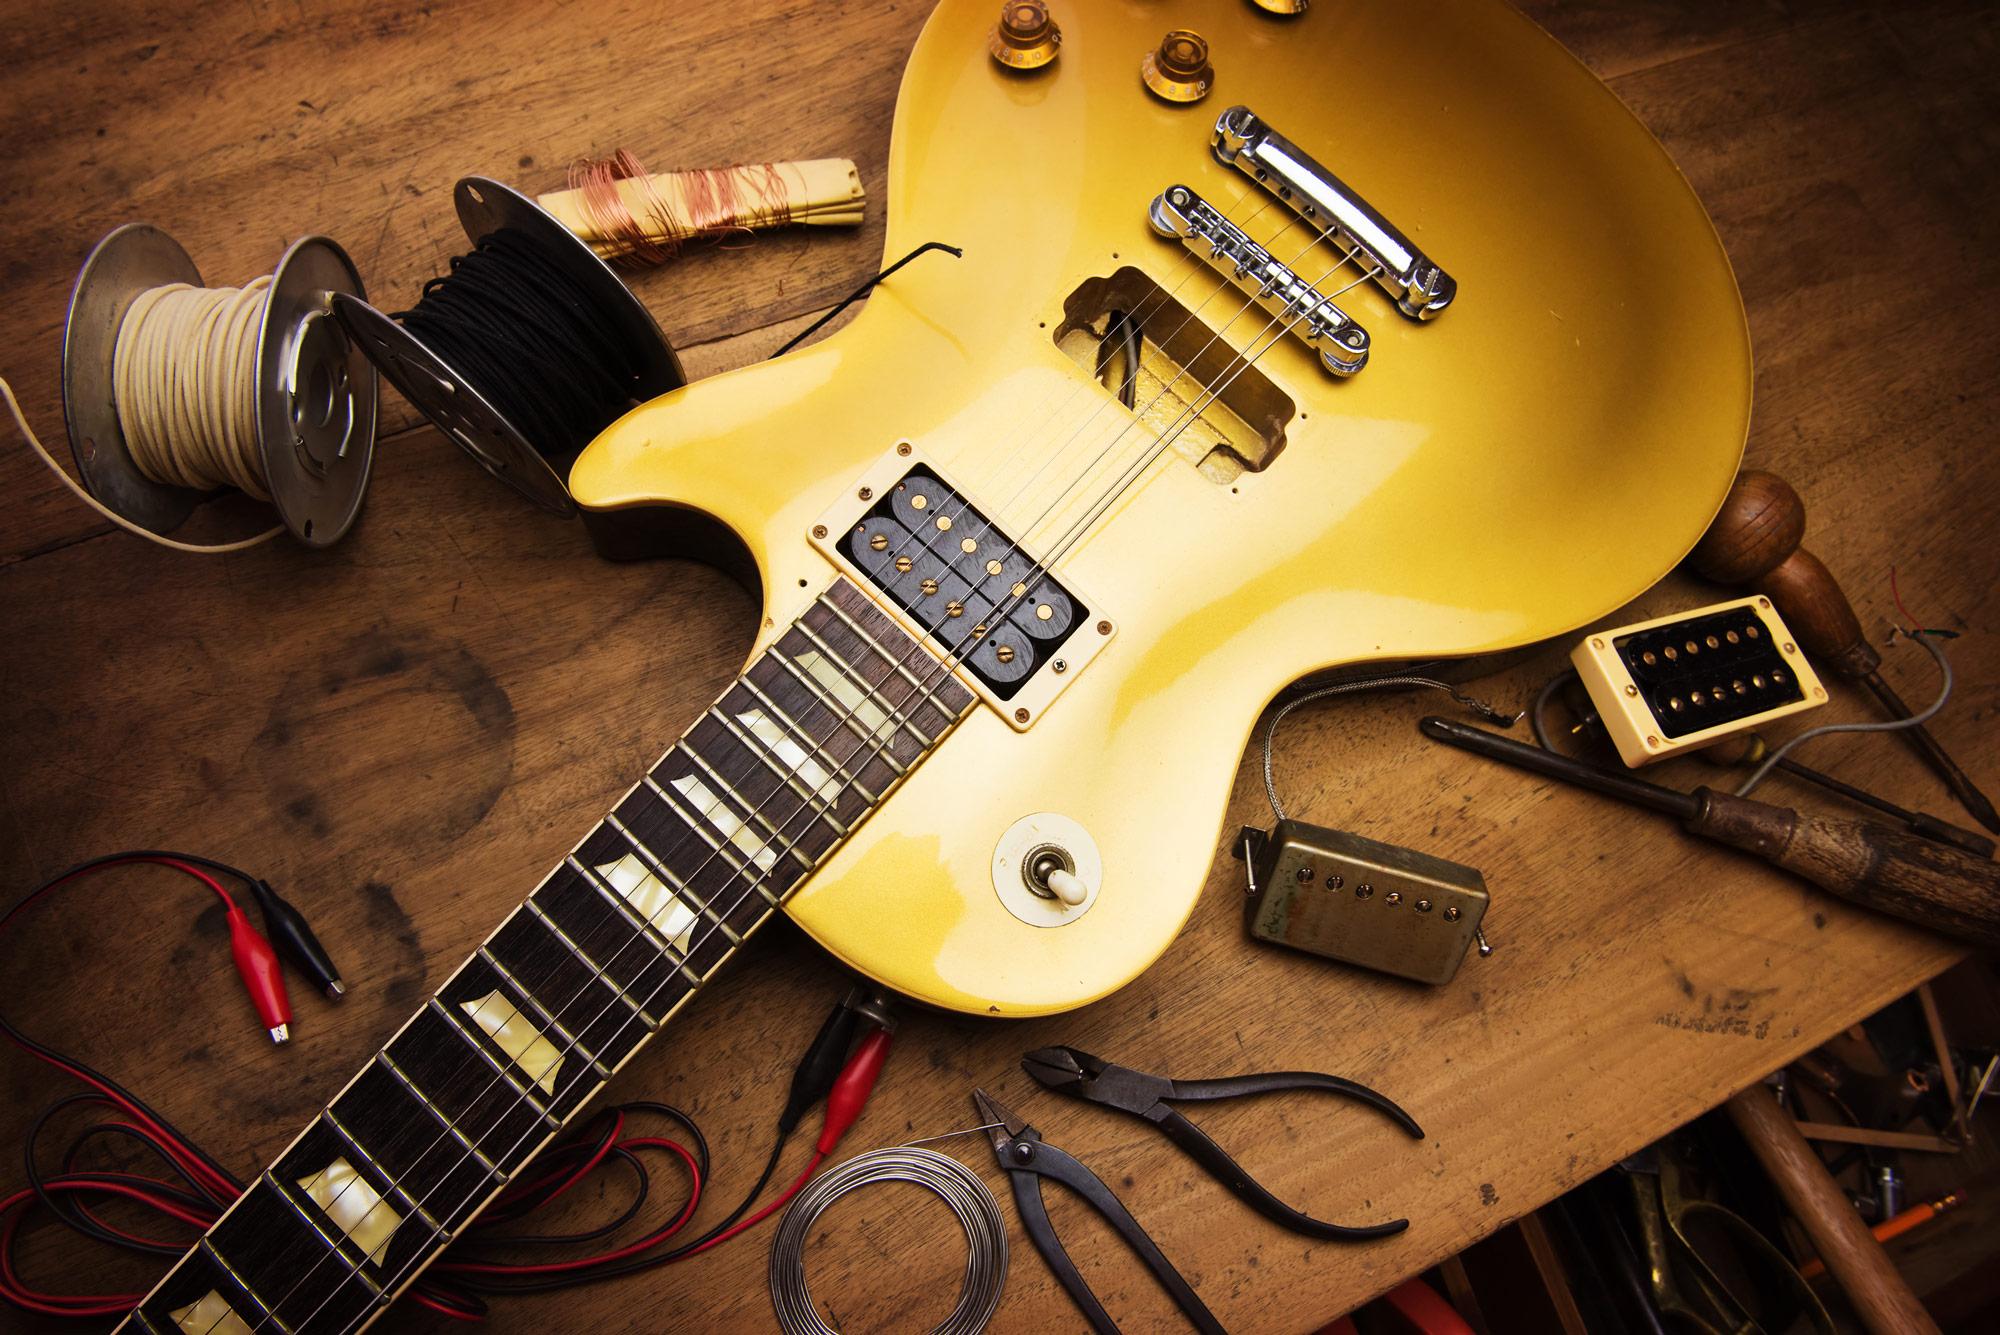 les paul guitar, custom guitar, guitar setup, electric guitar